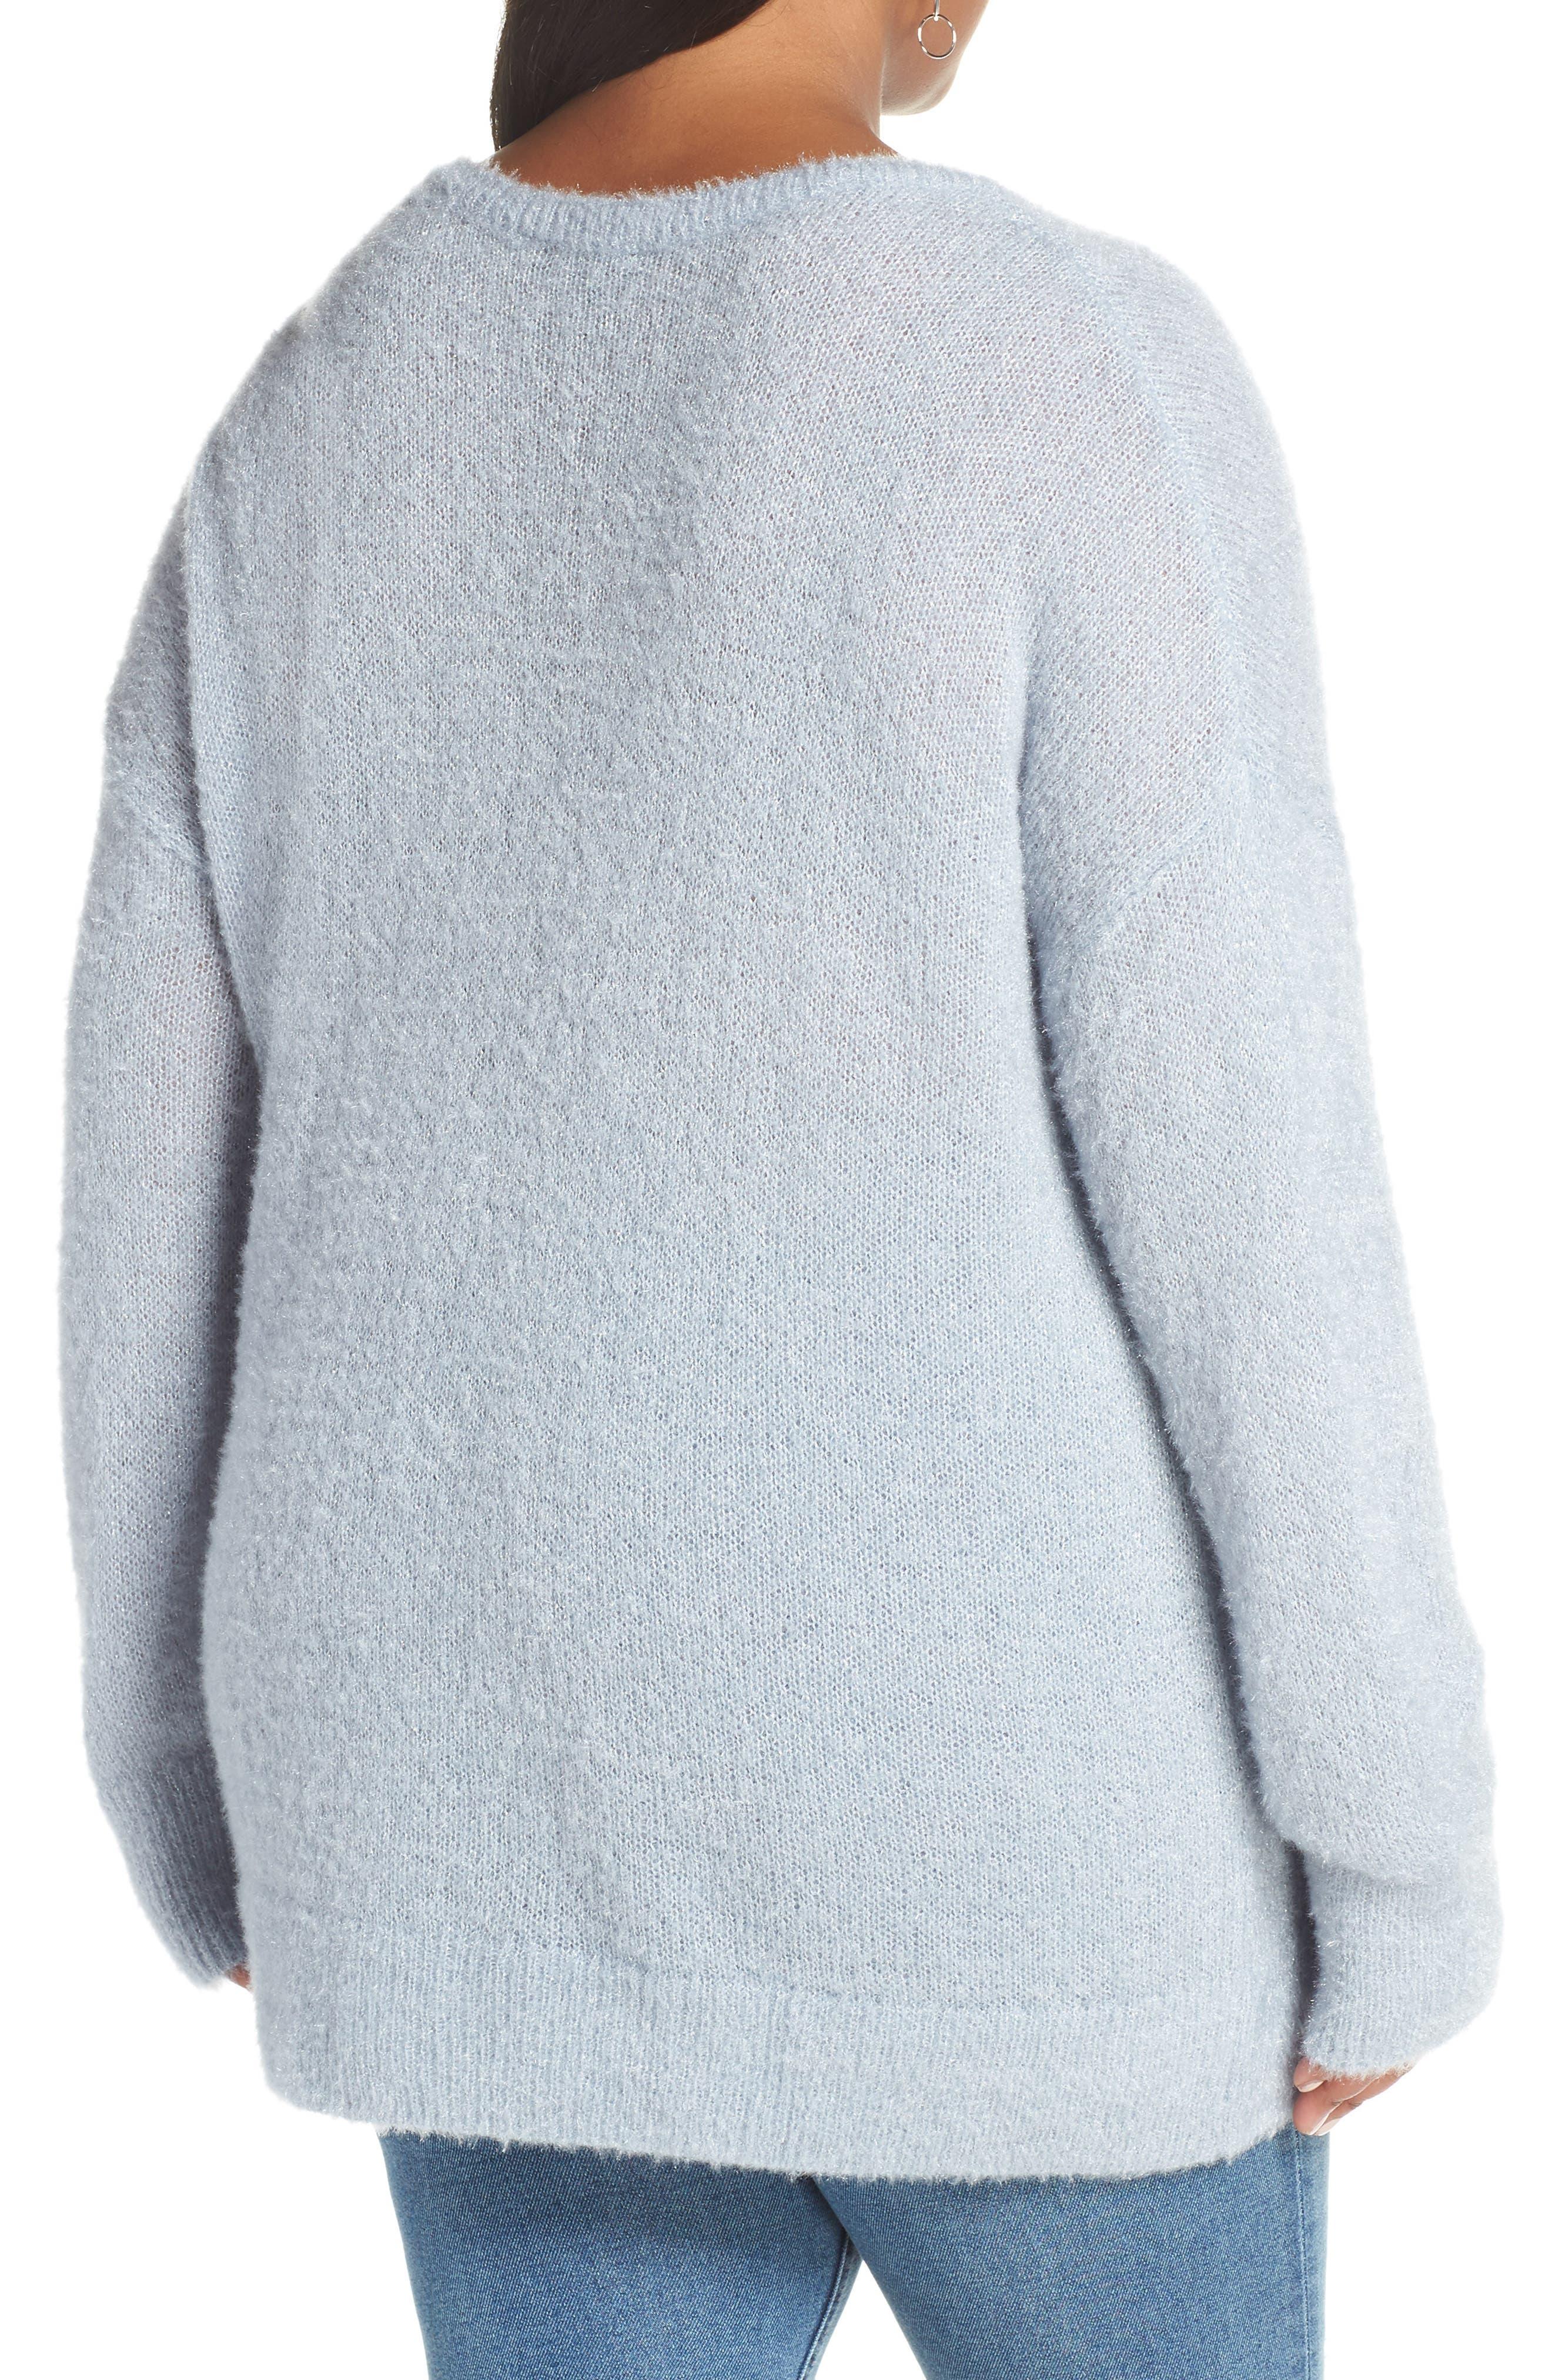 Fuzzy V-Neck Sweater,                             Alternate thumbnail 2, color,                             BLUE FOG